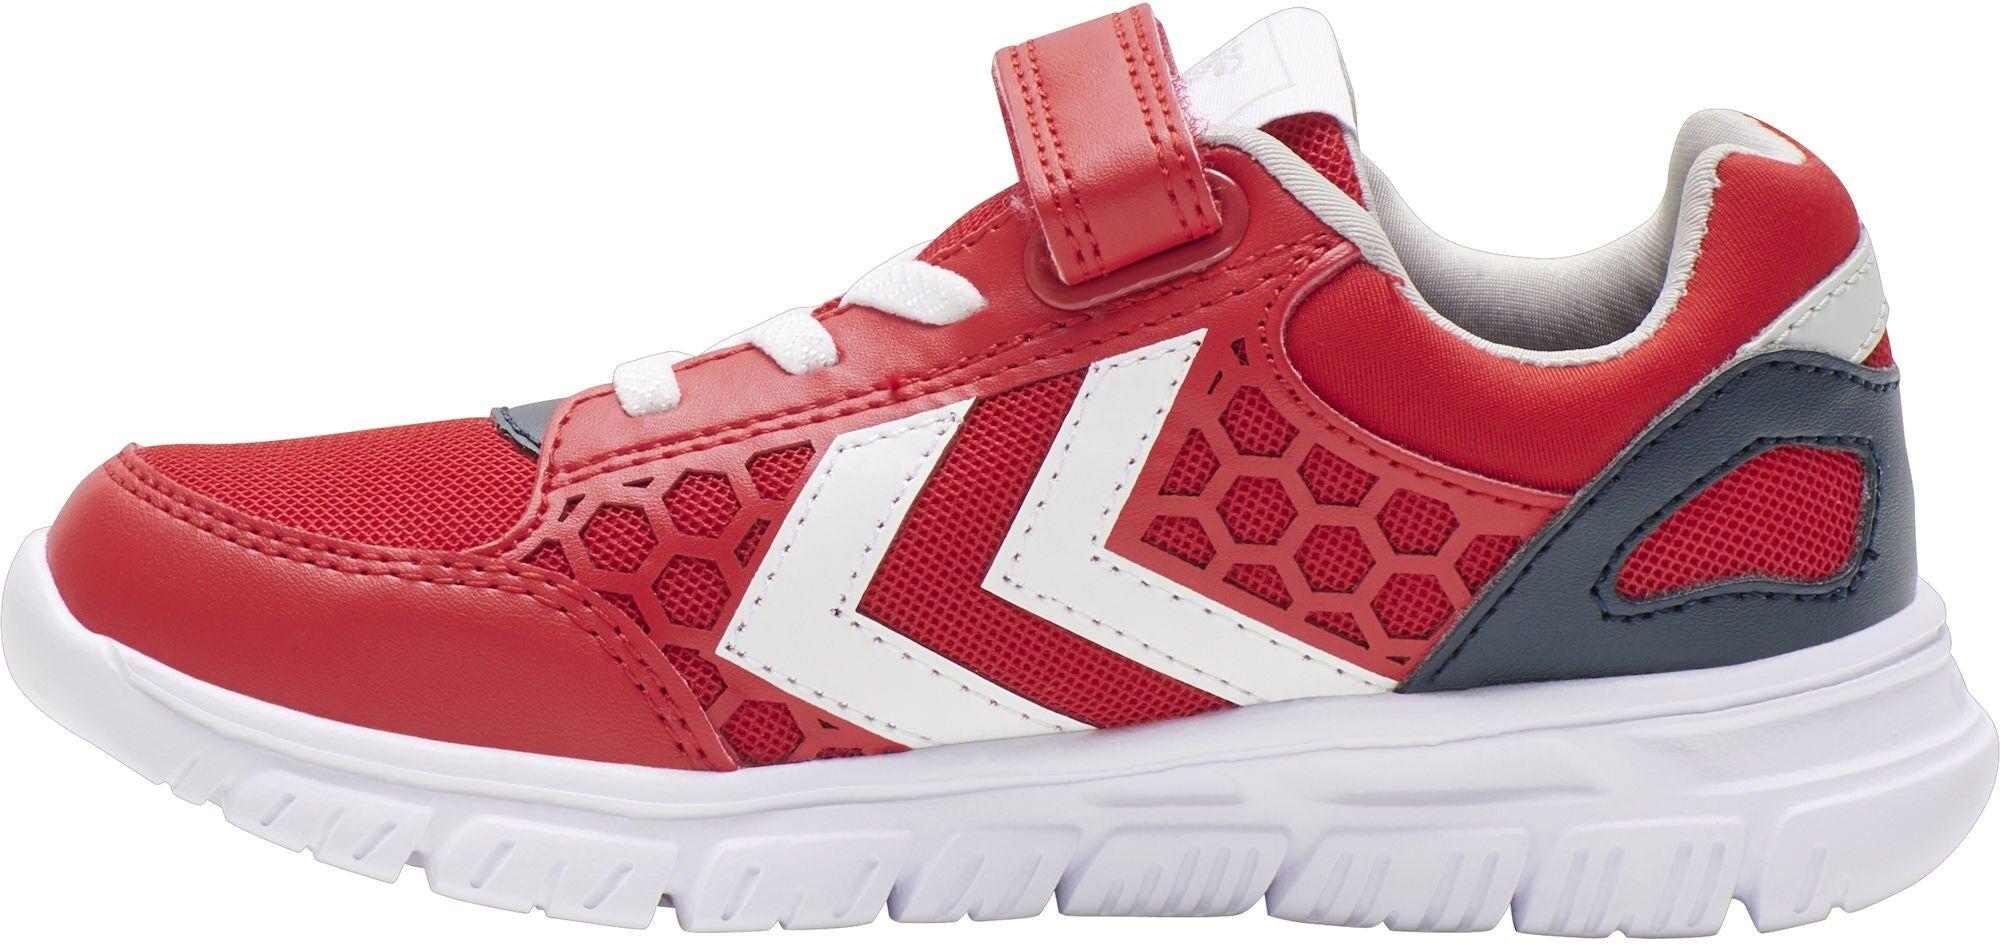 Hummel Crosslite Jr Sneaker, High Risk Red, 35